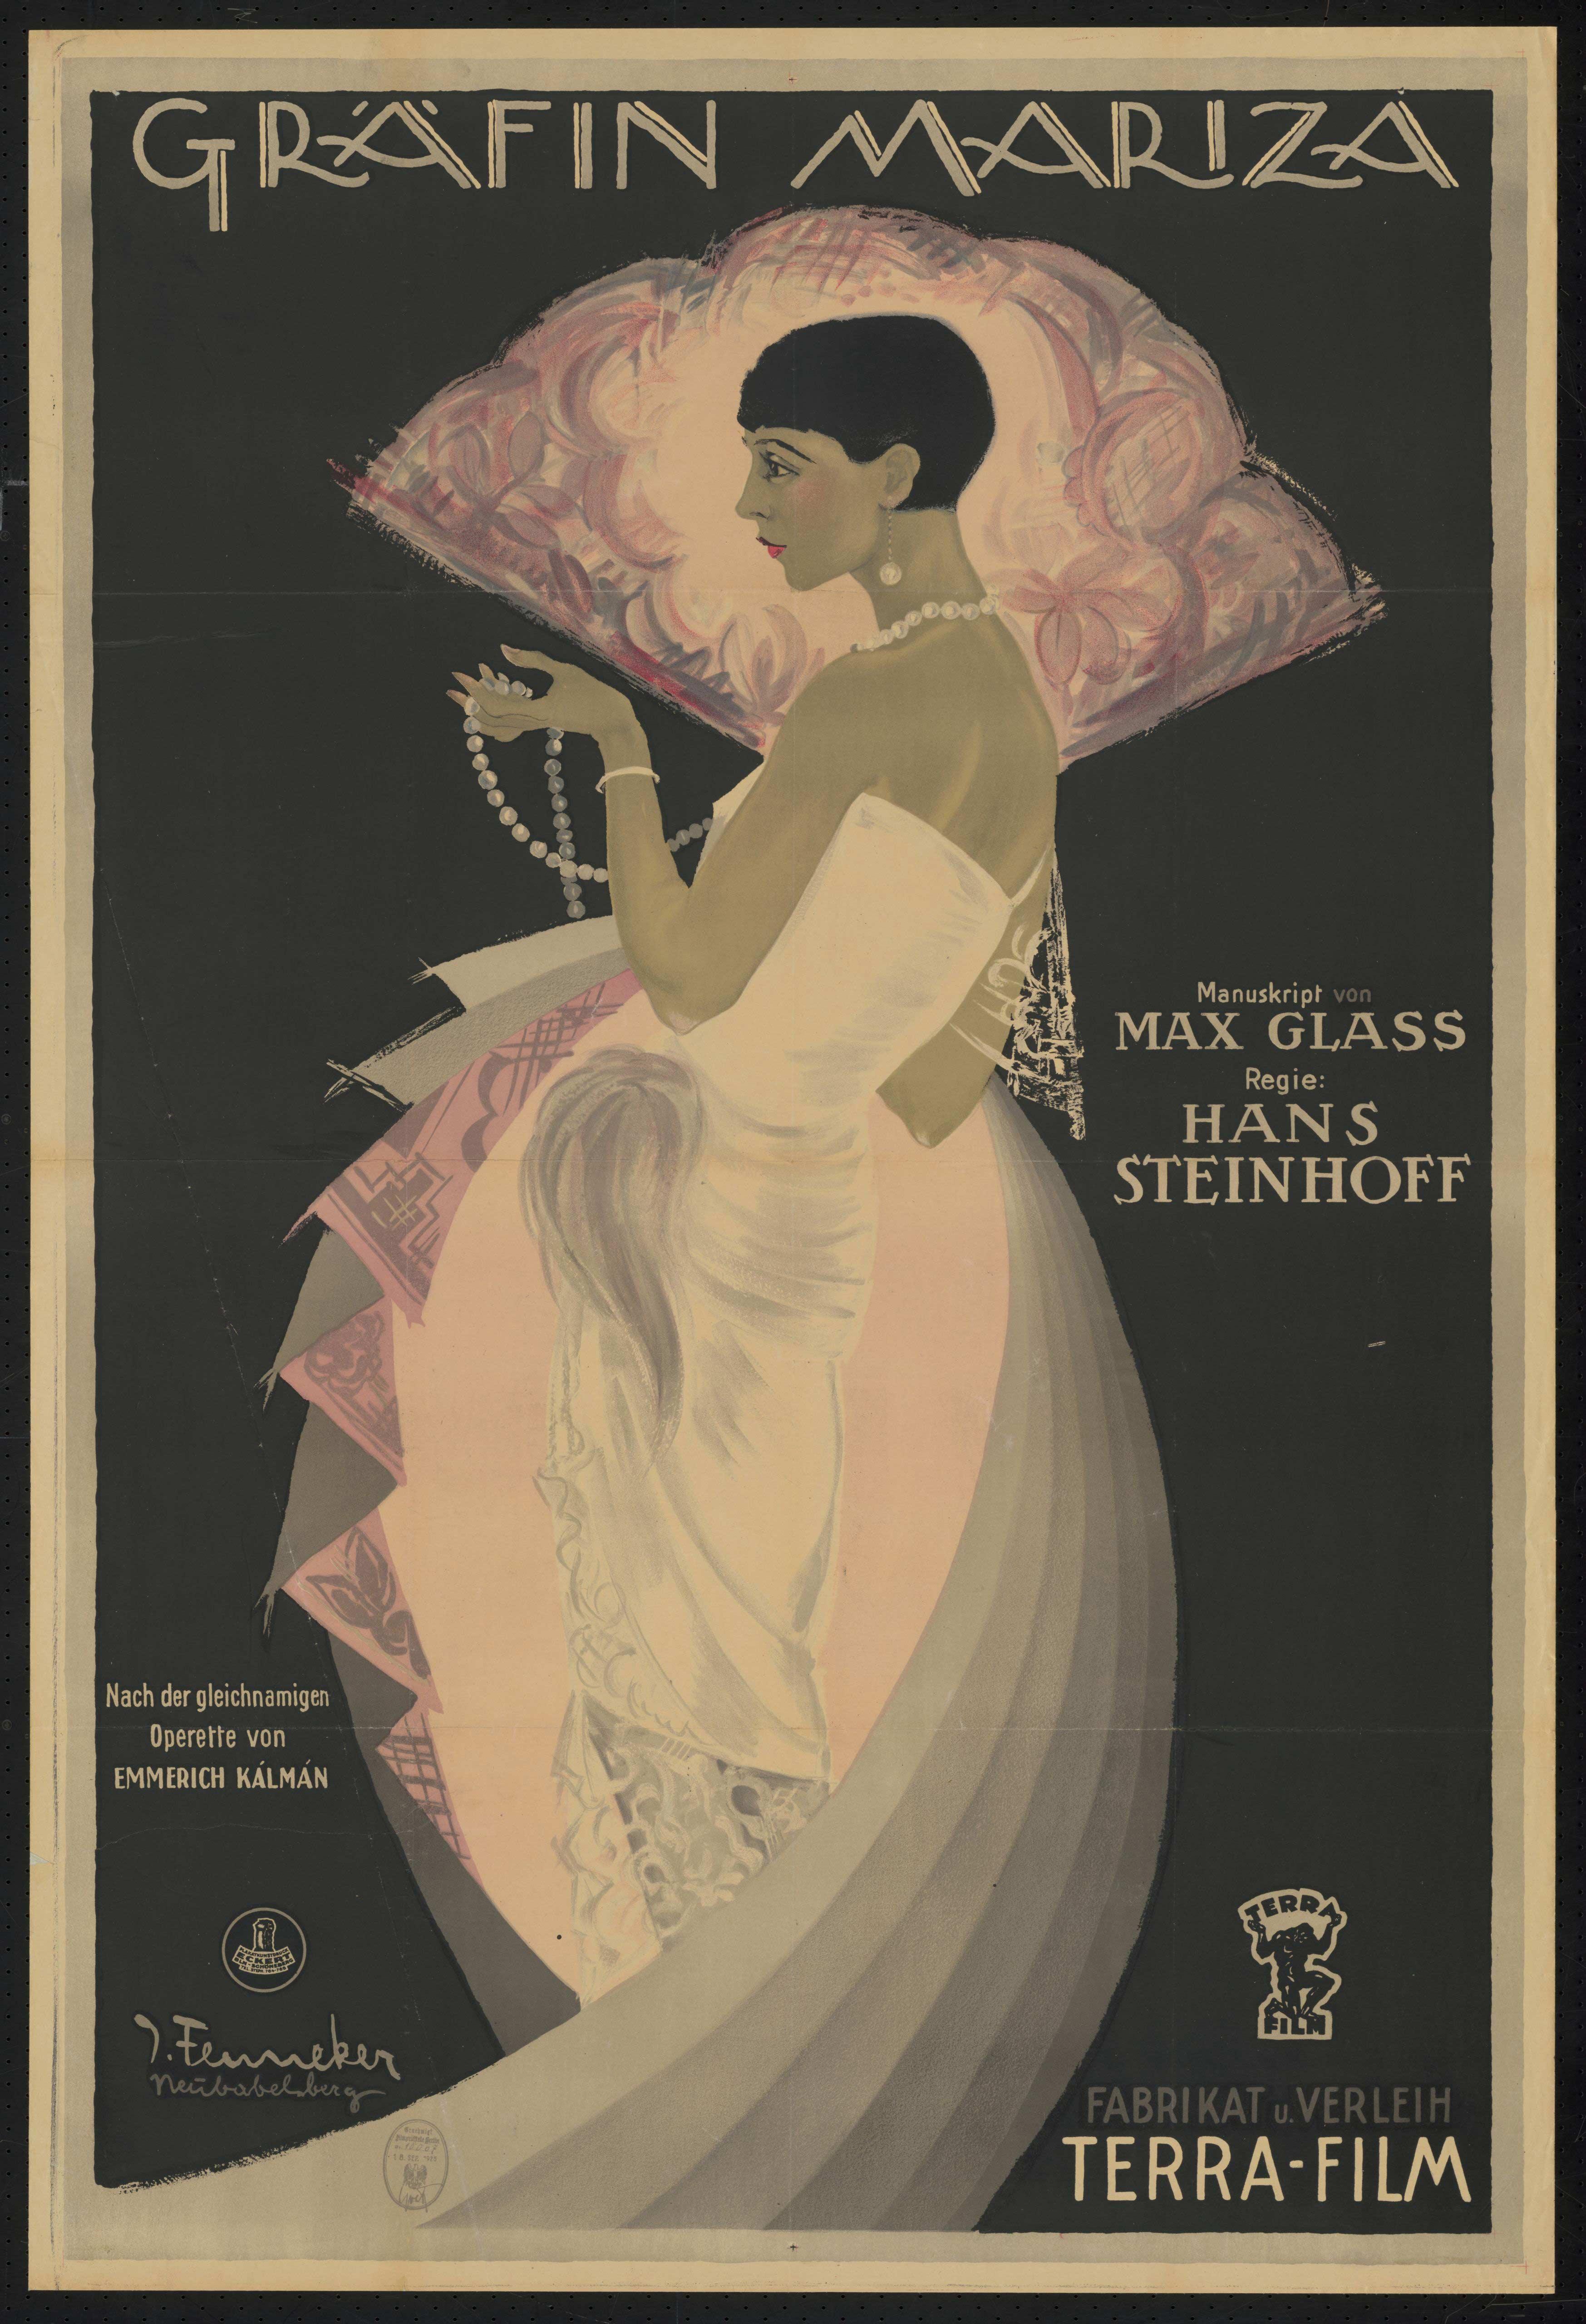 Film poster by Joef Fenneker: Gräfin Mariza, Germany 1925, directed by Hans Steinhoff